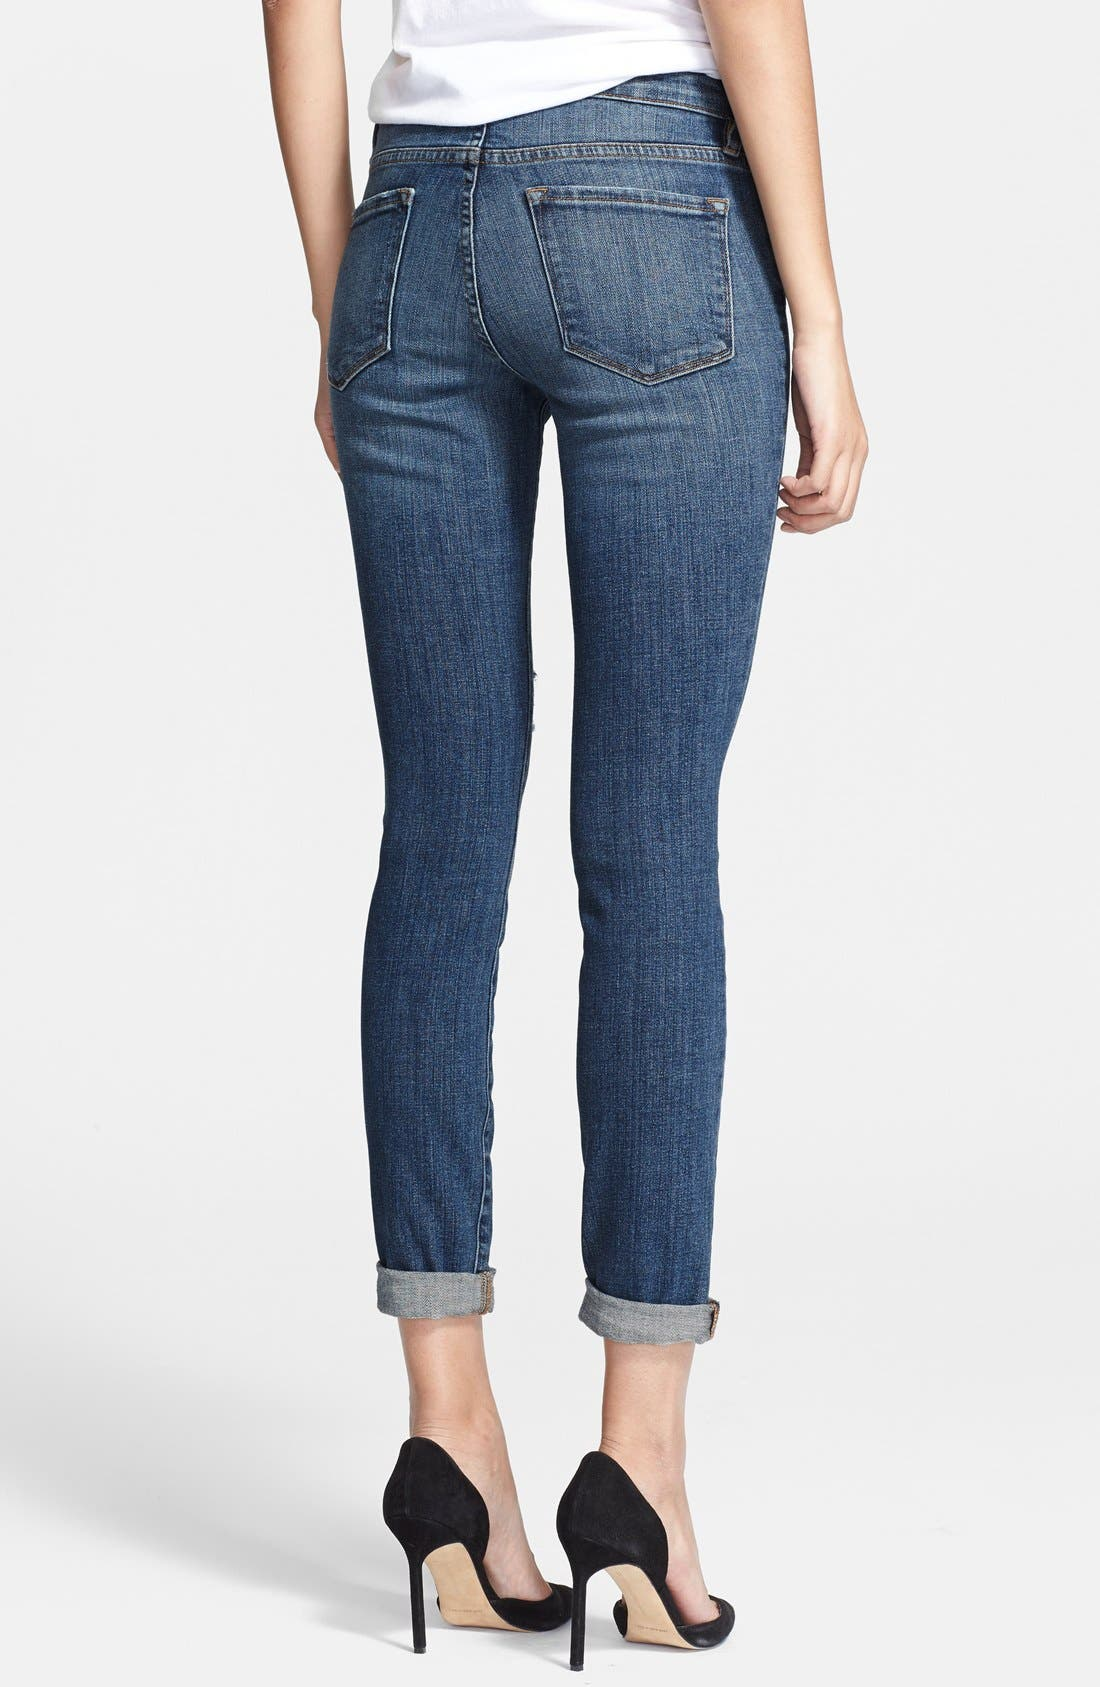 FRAME, Denim 'Le Skinny de Jeanne' Destroyed Jeans, Alternate thumbnail 3, color, 420